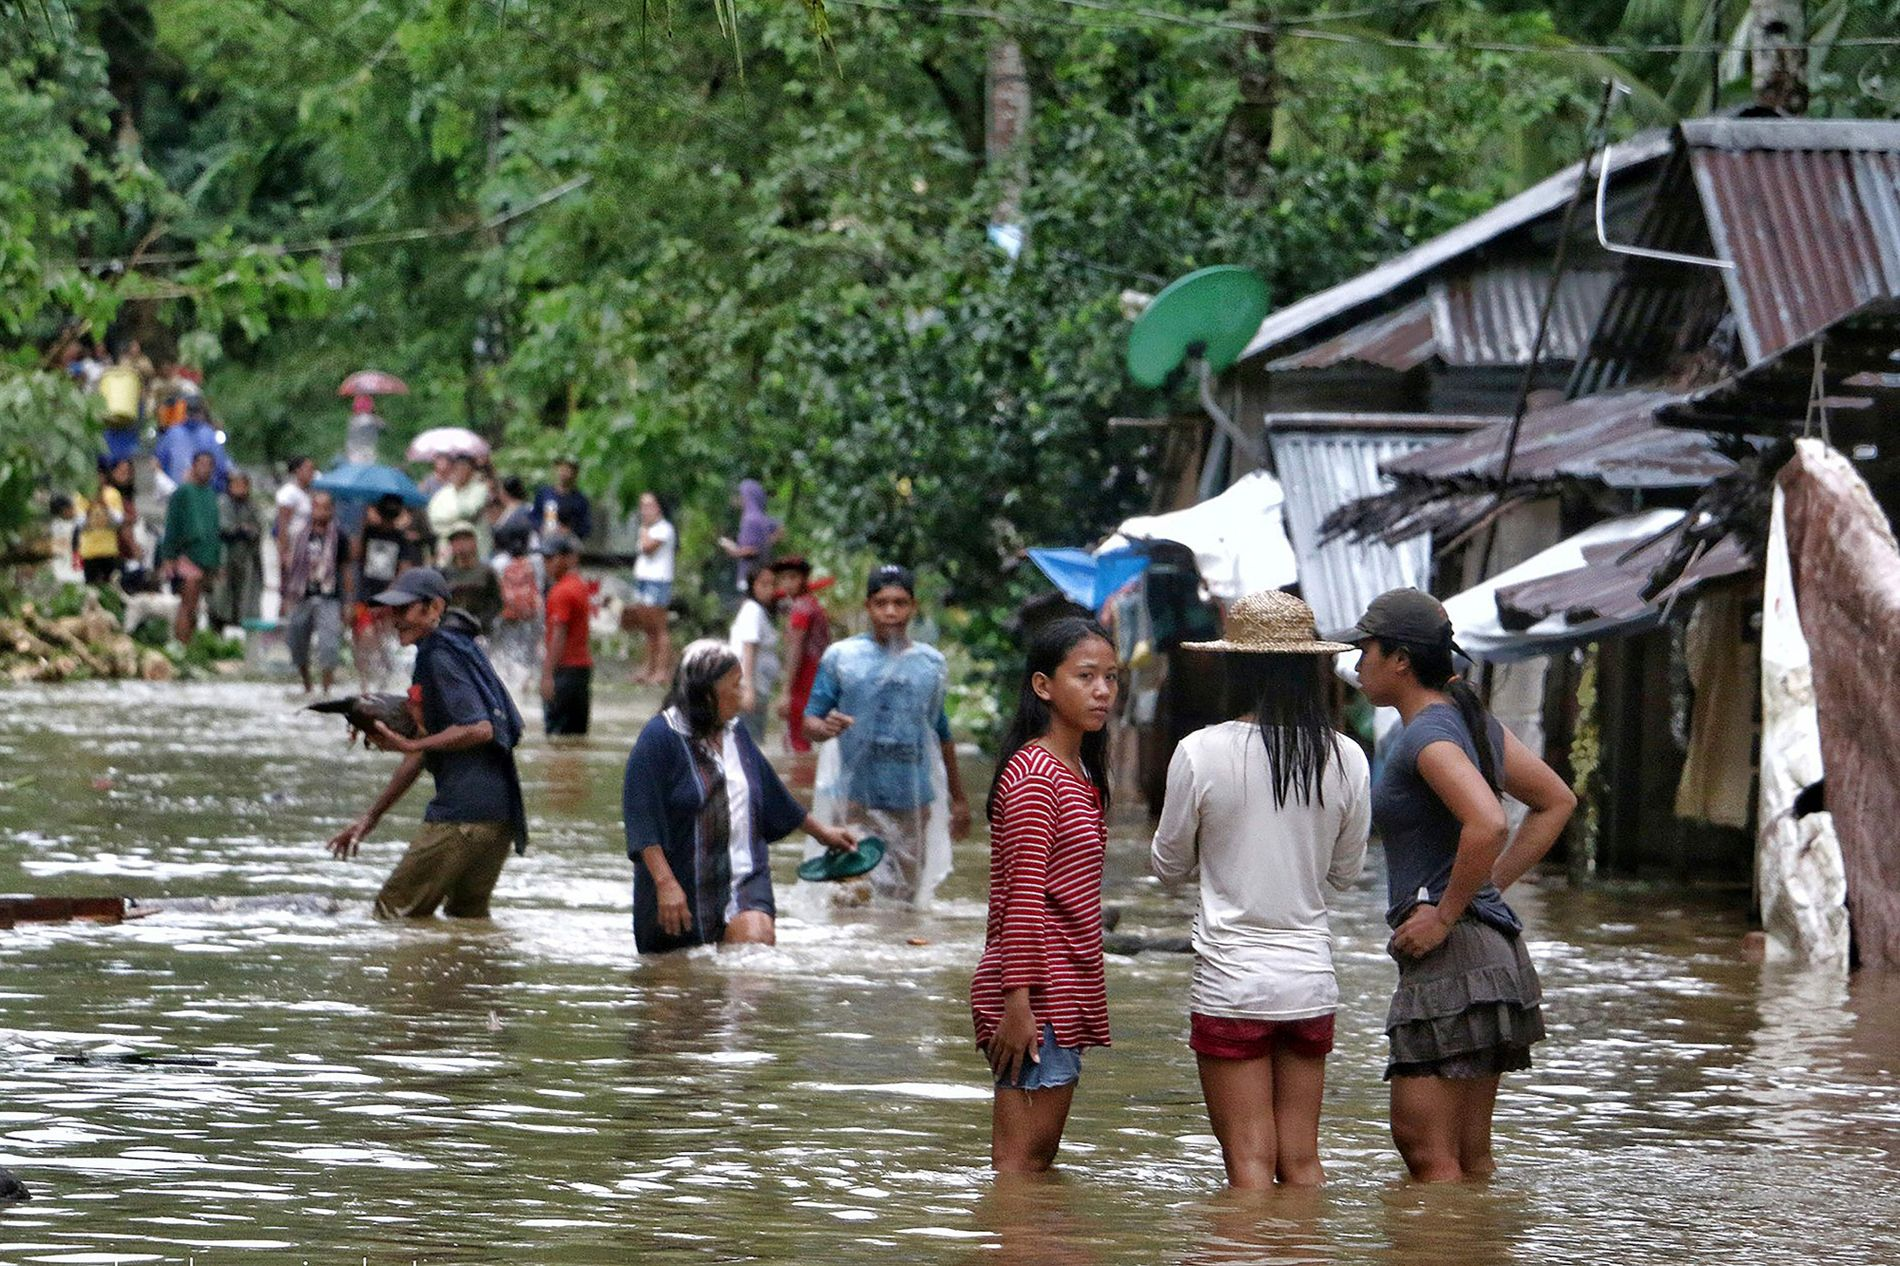 EVAKUERES: Innbyggere i Brgy Calingatngan krysser en oversvømmet gate i Øst-Samar på Filippinene lørdag.